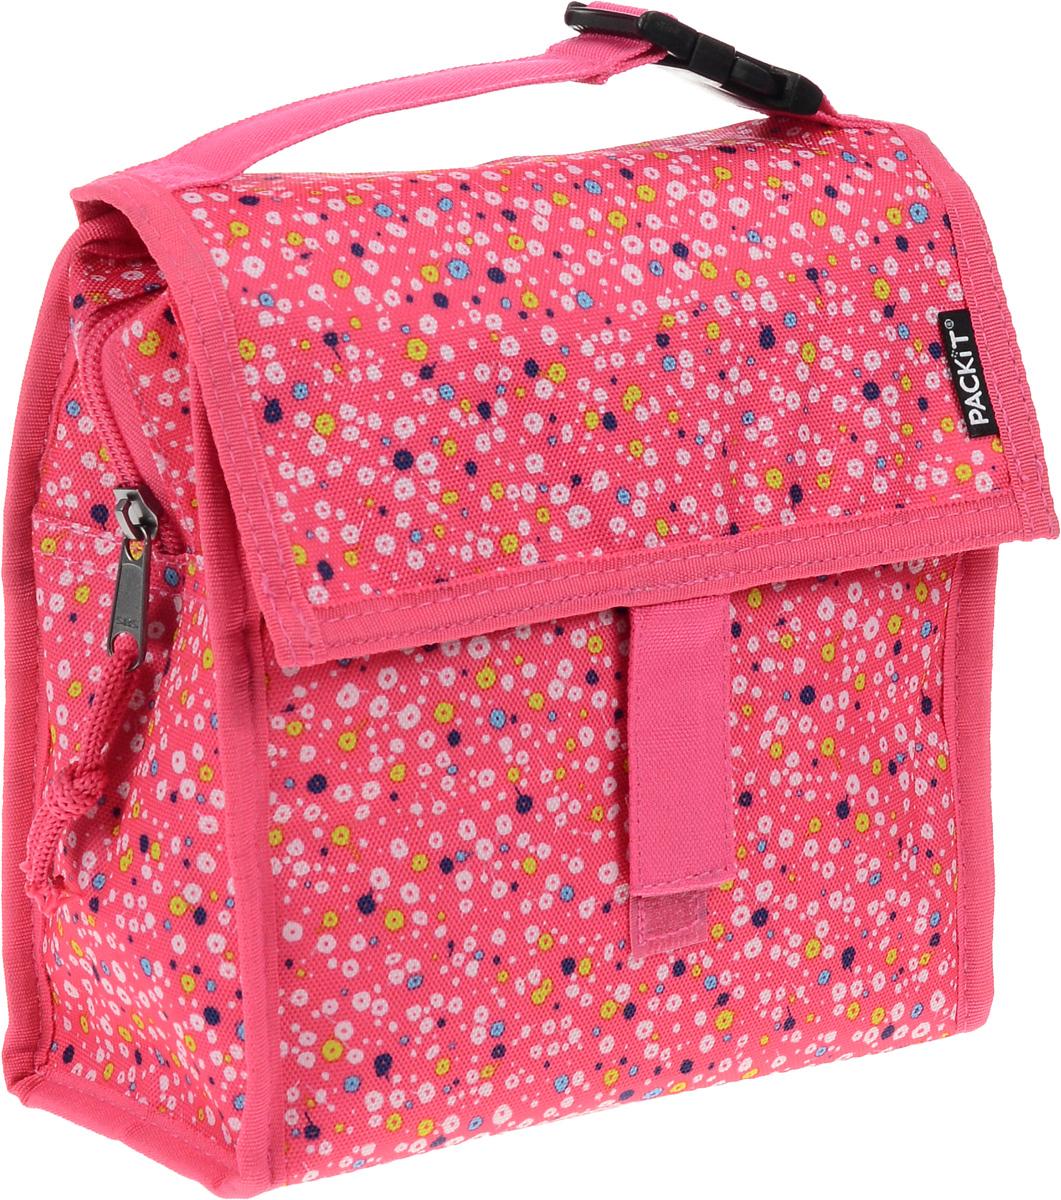 Сумка-холодильник Packit Lunch Bag, складная, цвет: розовый, белый, синий, 2 лPackit0010Сумка - холодильник Packit Lunch Bag предназначена для транспортировки и х ранения продуктов и напитков. Сумка изготовлена из ПВХ, BPA - Free (без содержания бисфенол А), внутренняя поверхность - из специального термоизоляционного материала, который надежно удерживает холод внутри. Для удобной переноски сумка снабжена ручкой с пластиковой защелкой. Сумка - холодильник закрывается на застежку молнию и фиксируется липучками. Охлаждение содержимых в сумке продуктов в течение 10-12 часов. Рекомендуется ручная стирка. Размер сумки: 20 х 9,5 х 19 см.